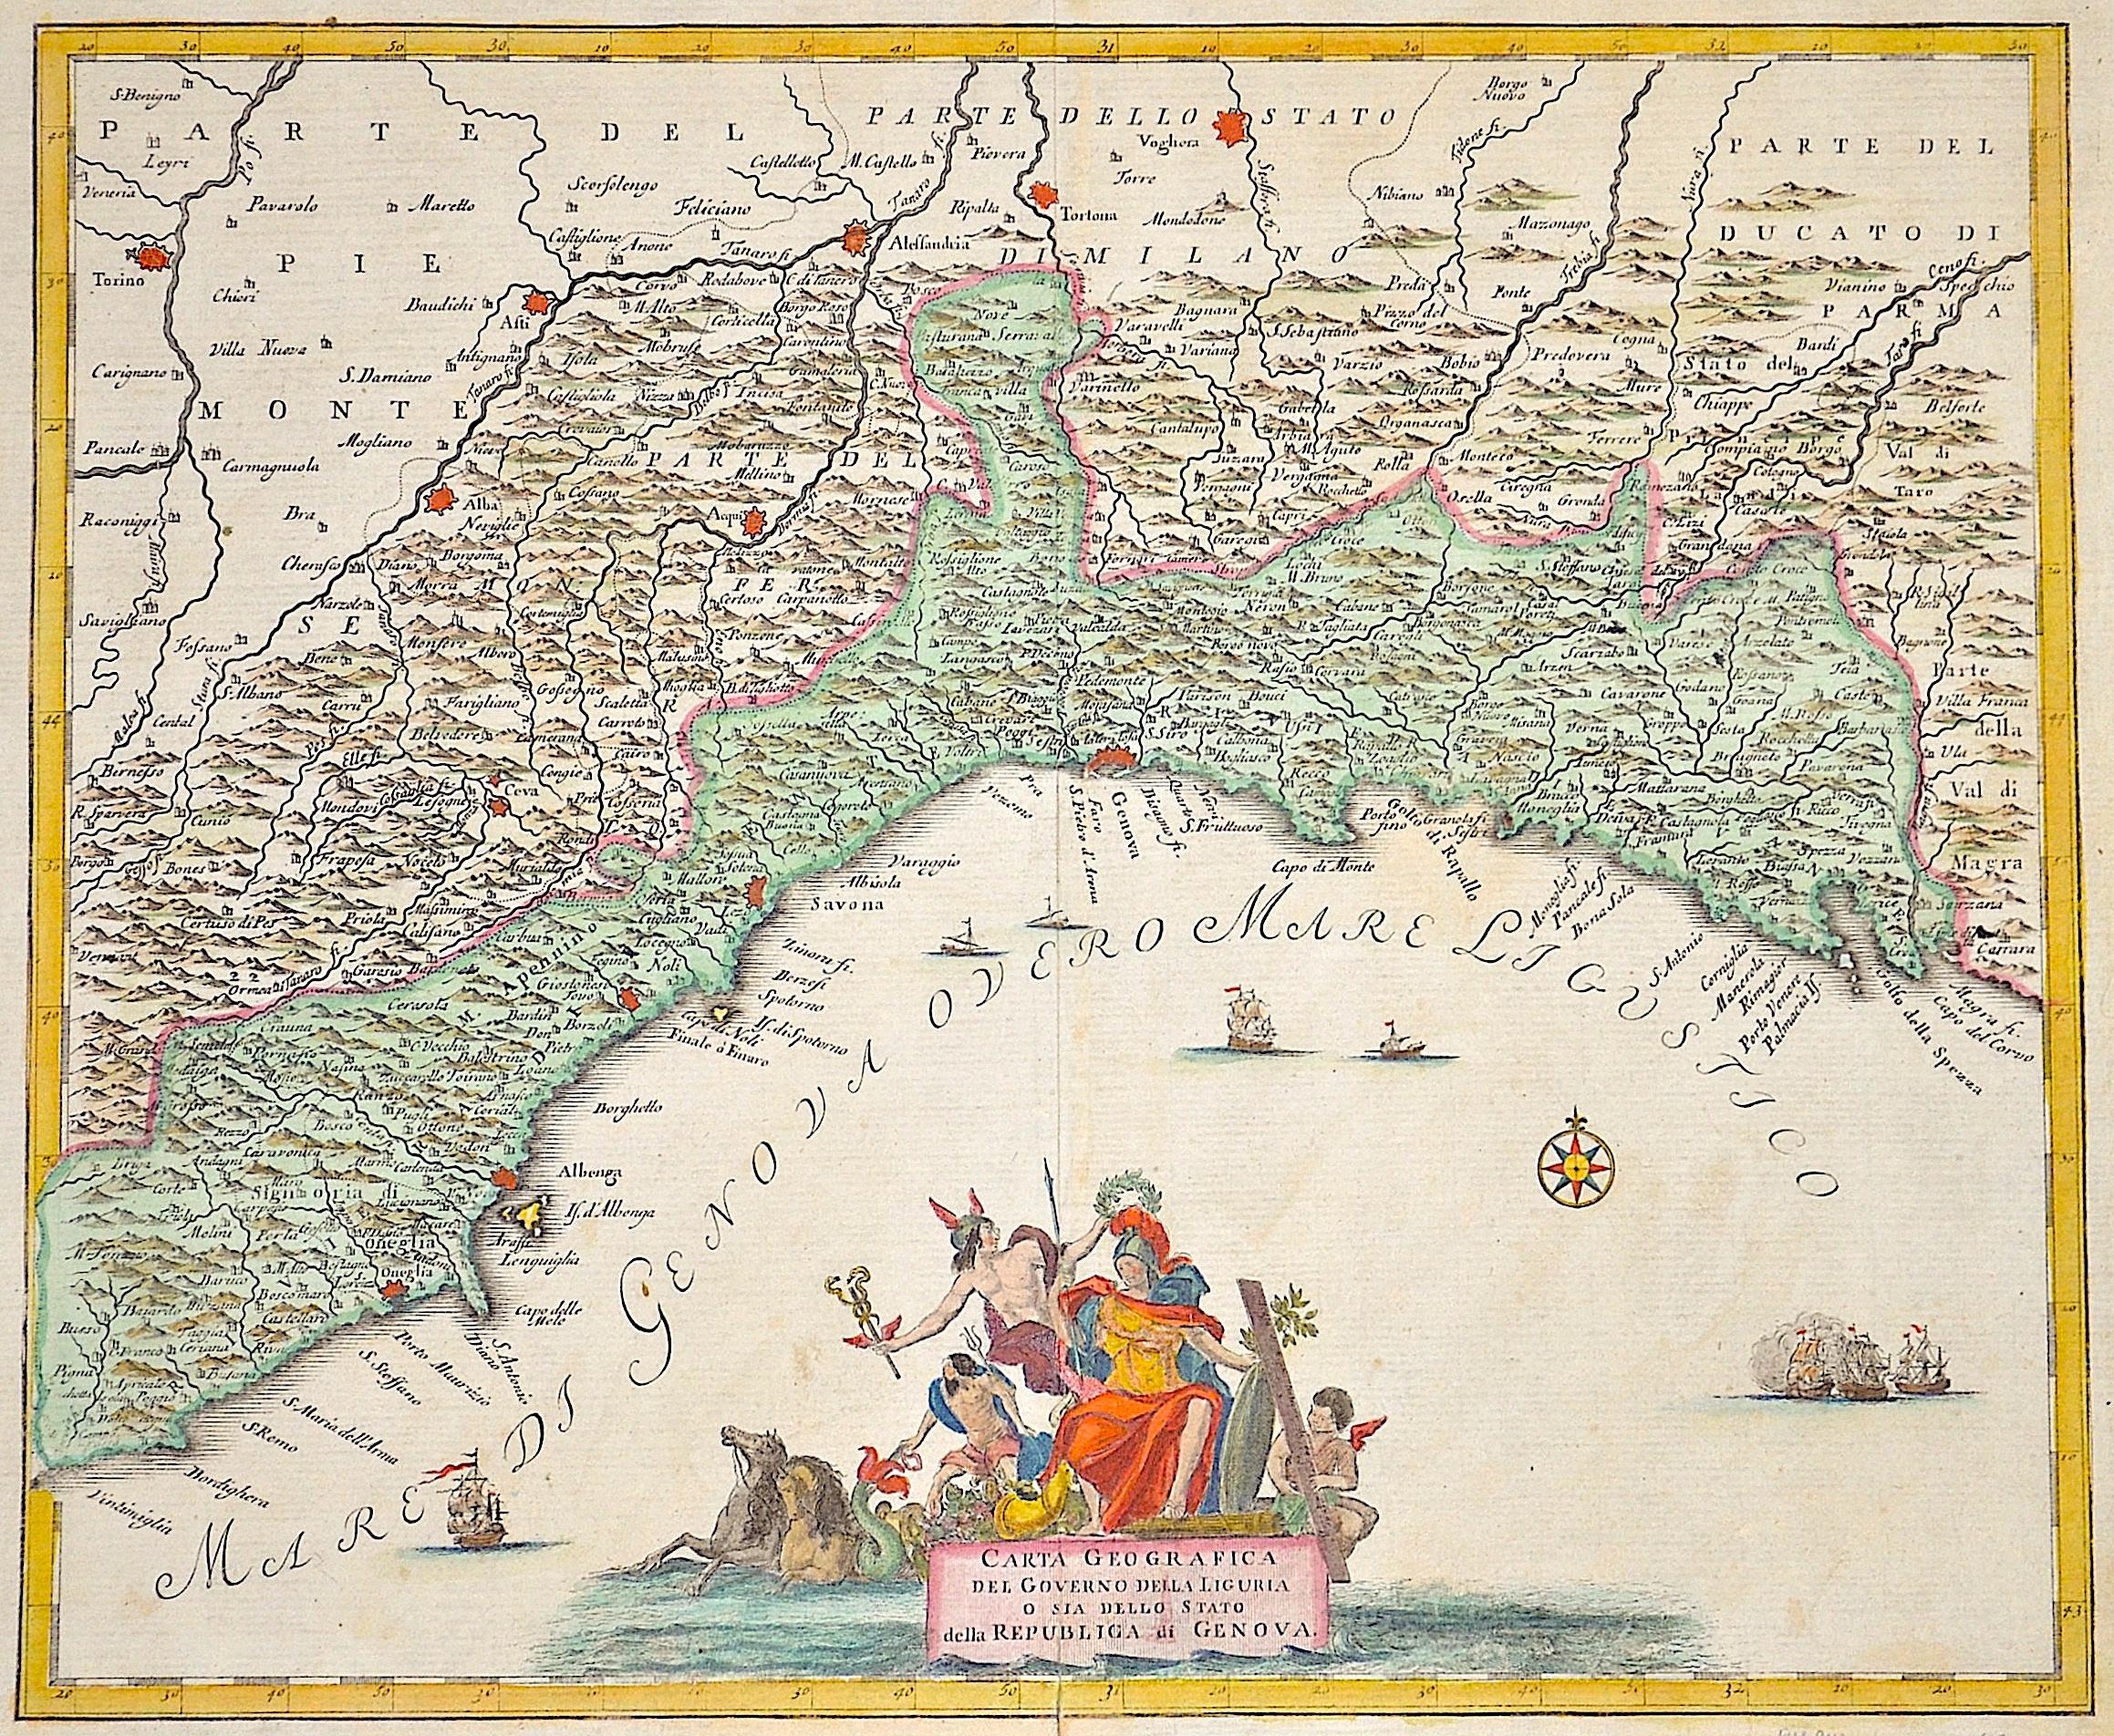 Anonymus  Carta geographica dell Governo della Liguria o sia dello stato della Republica di Genova